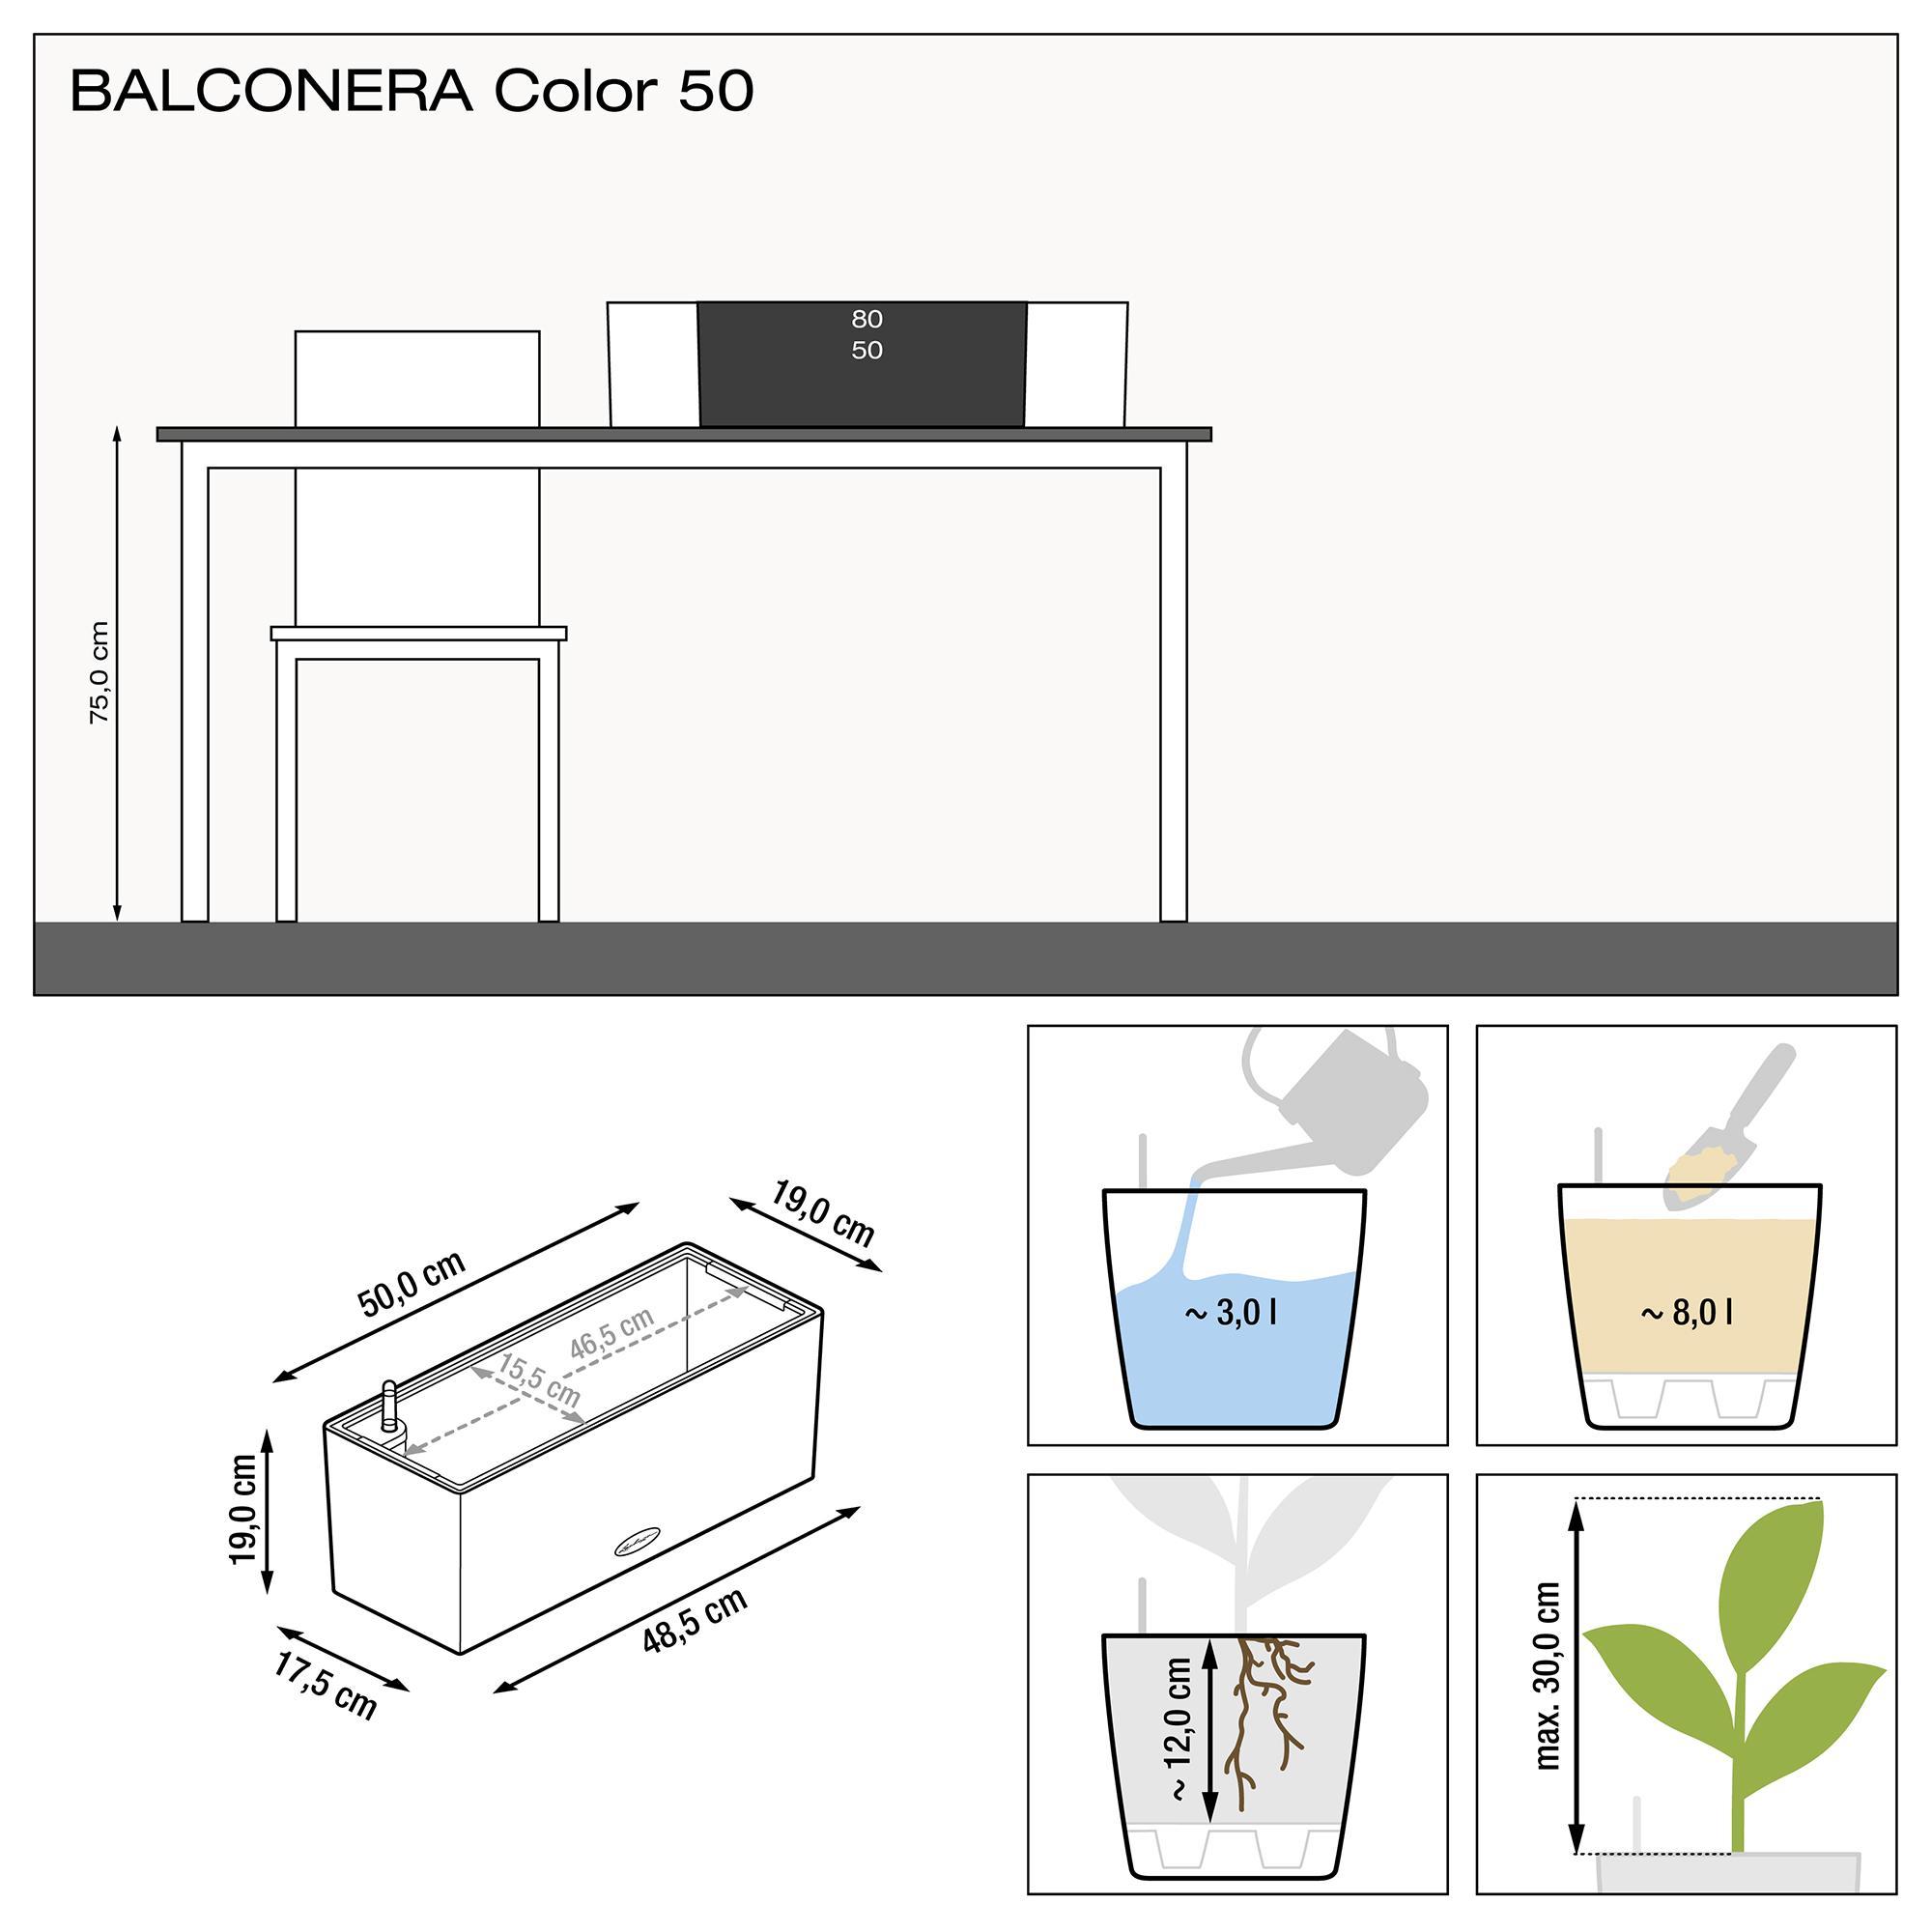 BALCONERA Cottage 50 white - Image 3